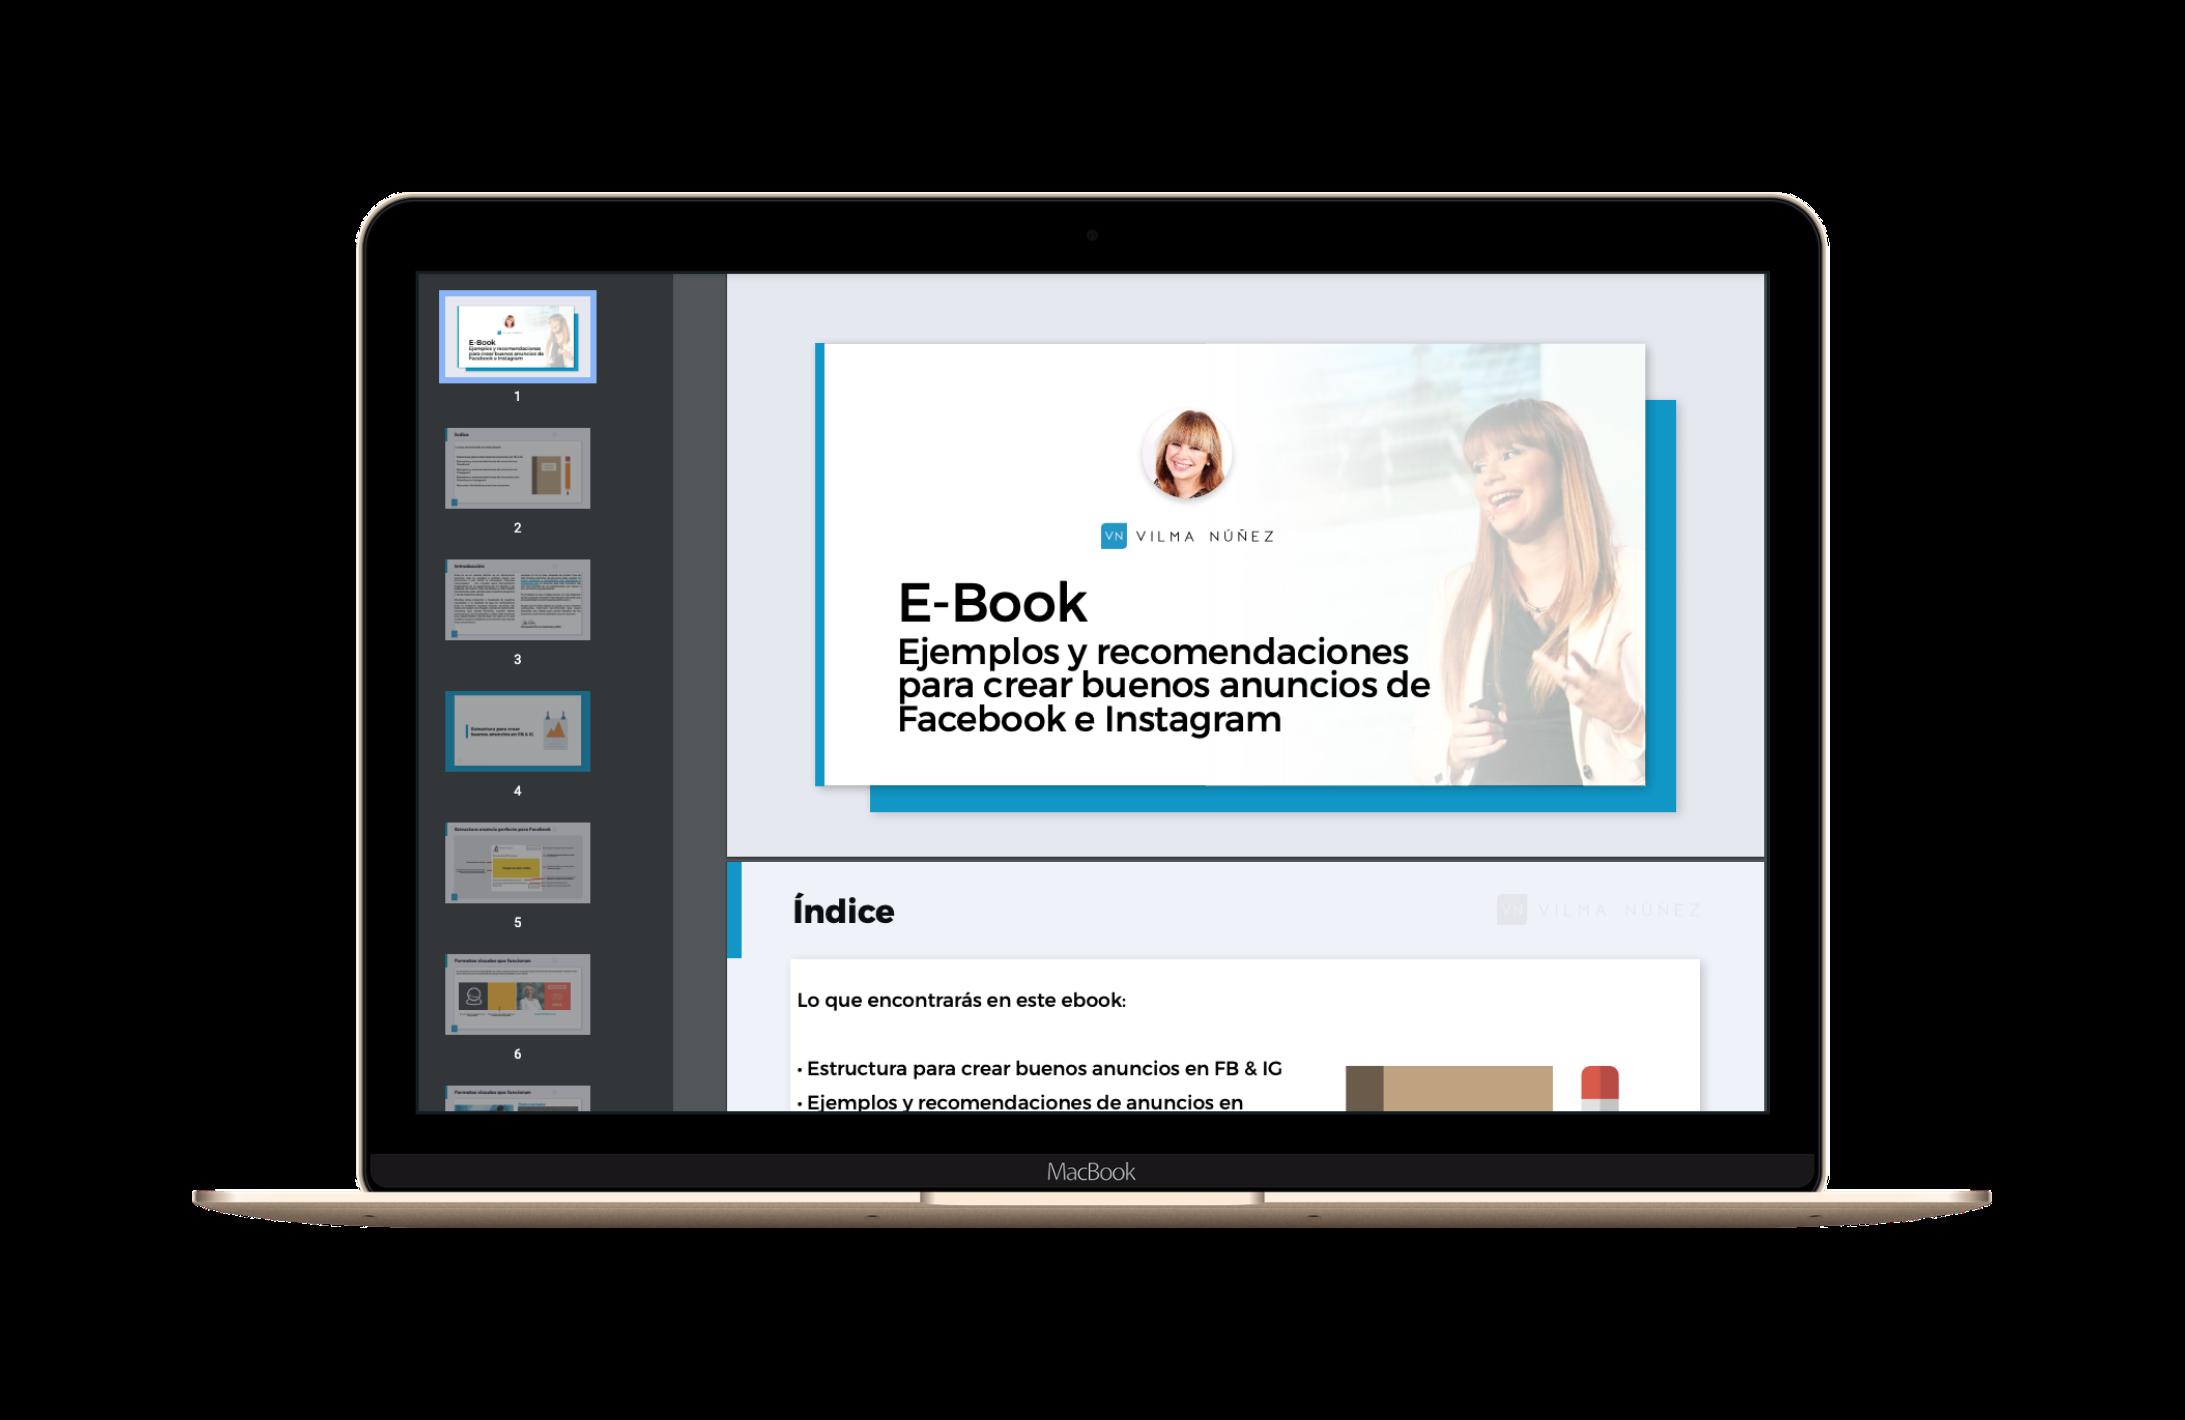 ebook gratis marketing ventas vilma nunez